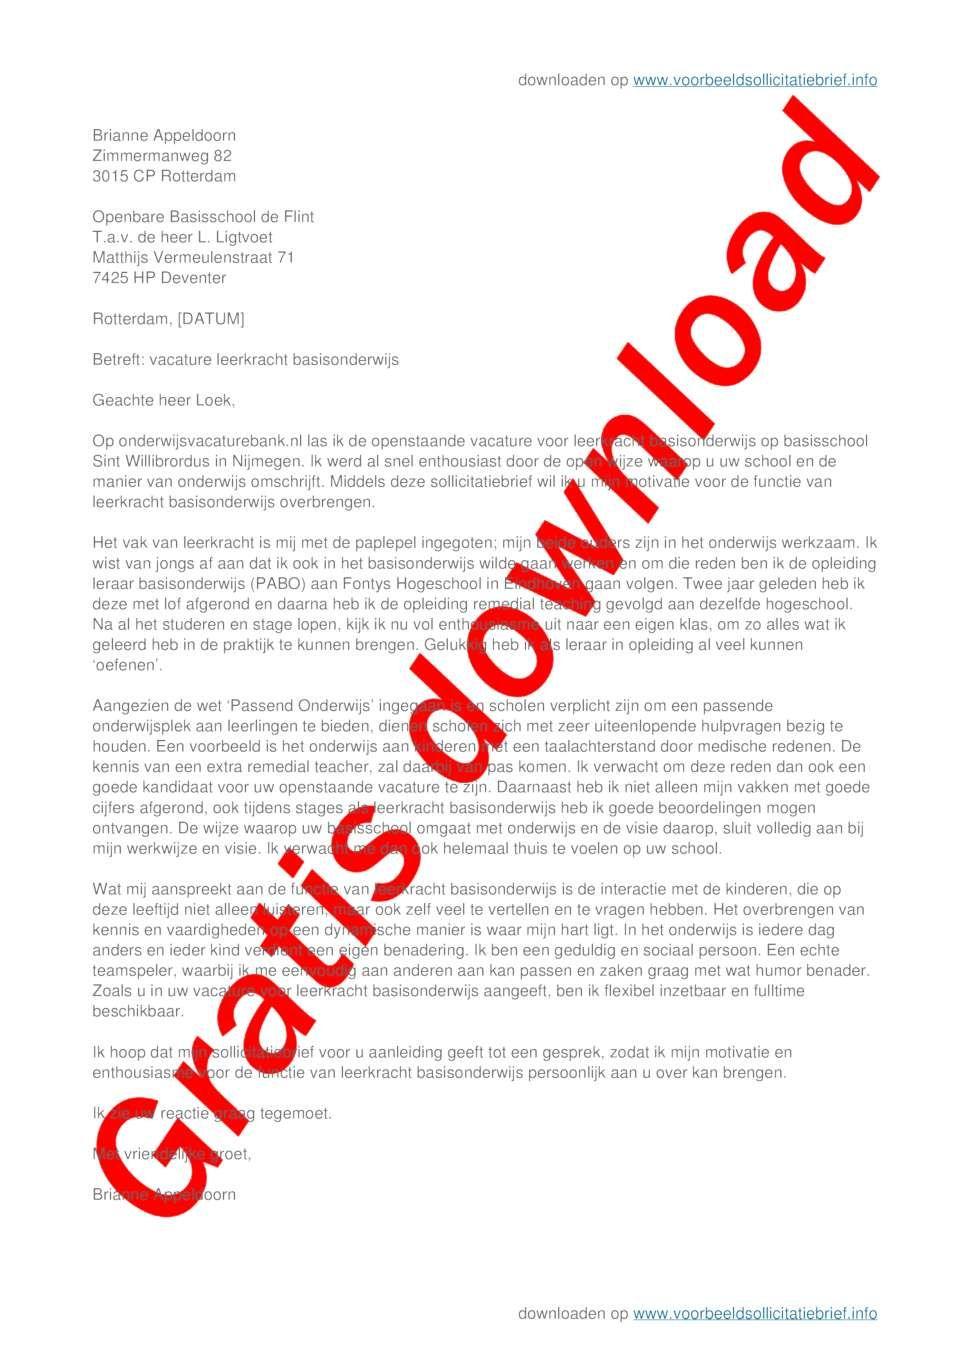 motivatiebrief leerkracht basisonderwijs sollicitatiebrief leerkracht basisonderwijs | sollicitatiebrief